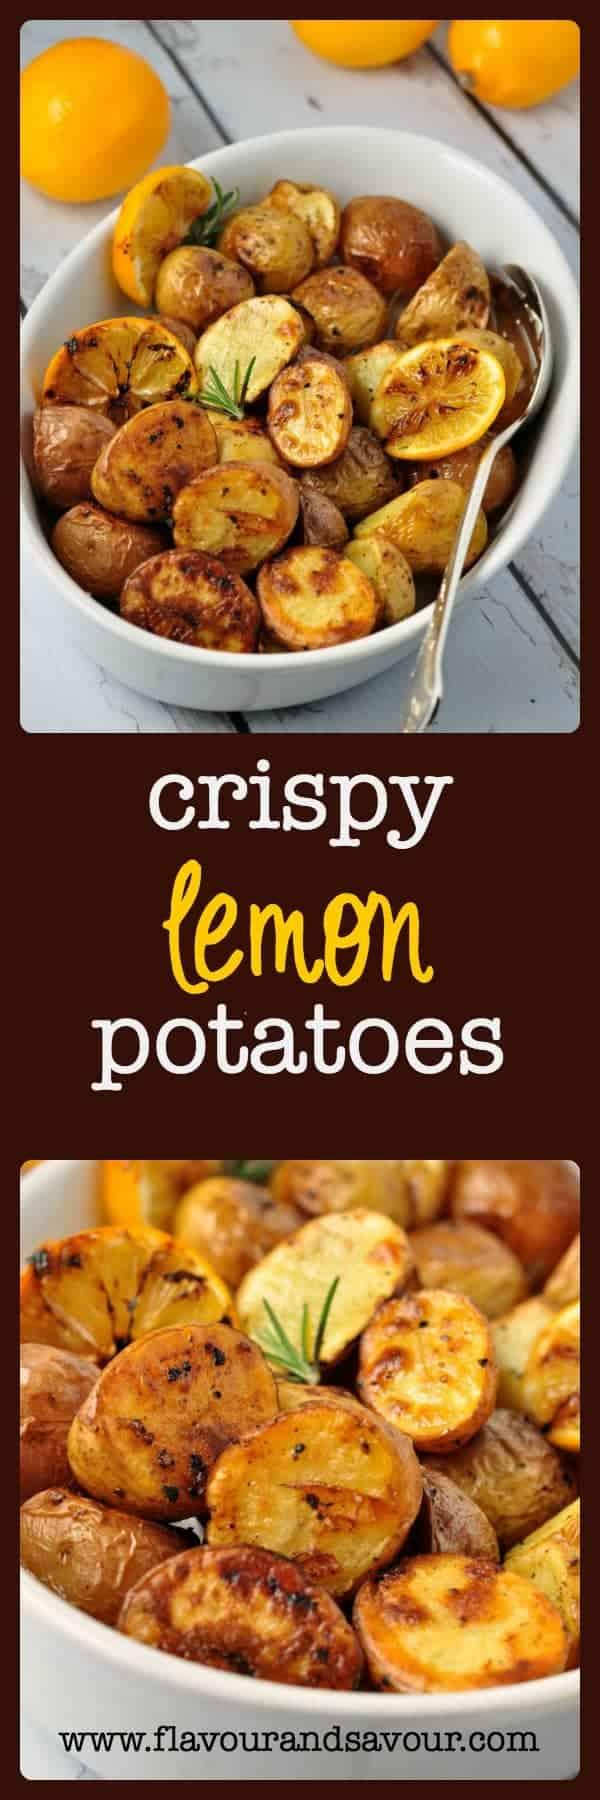 Crispy Lemon Oven-Roasted Potatoes. Crispy outside, tender inside and super easy! www.flavourandsavour.com